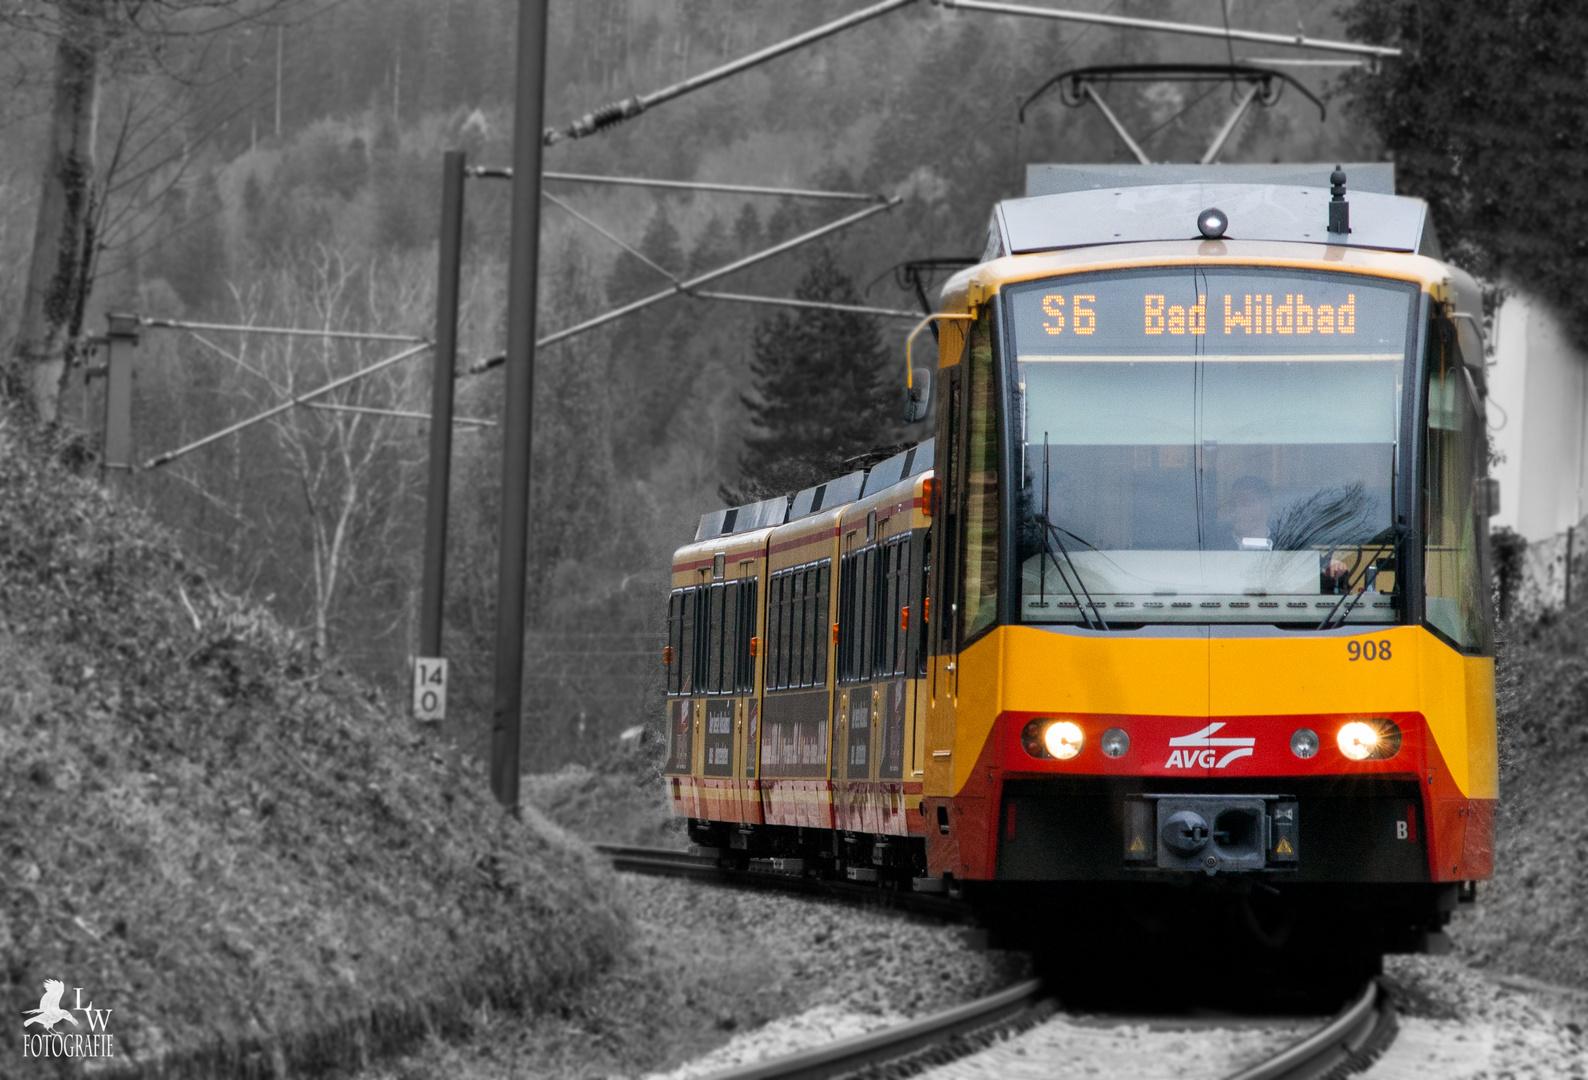 Bad Pforzheim straßenbahn pforzheim nach bad wildbad s6 foto bild